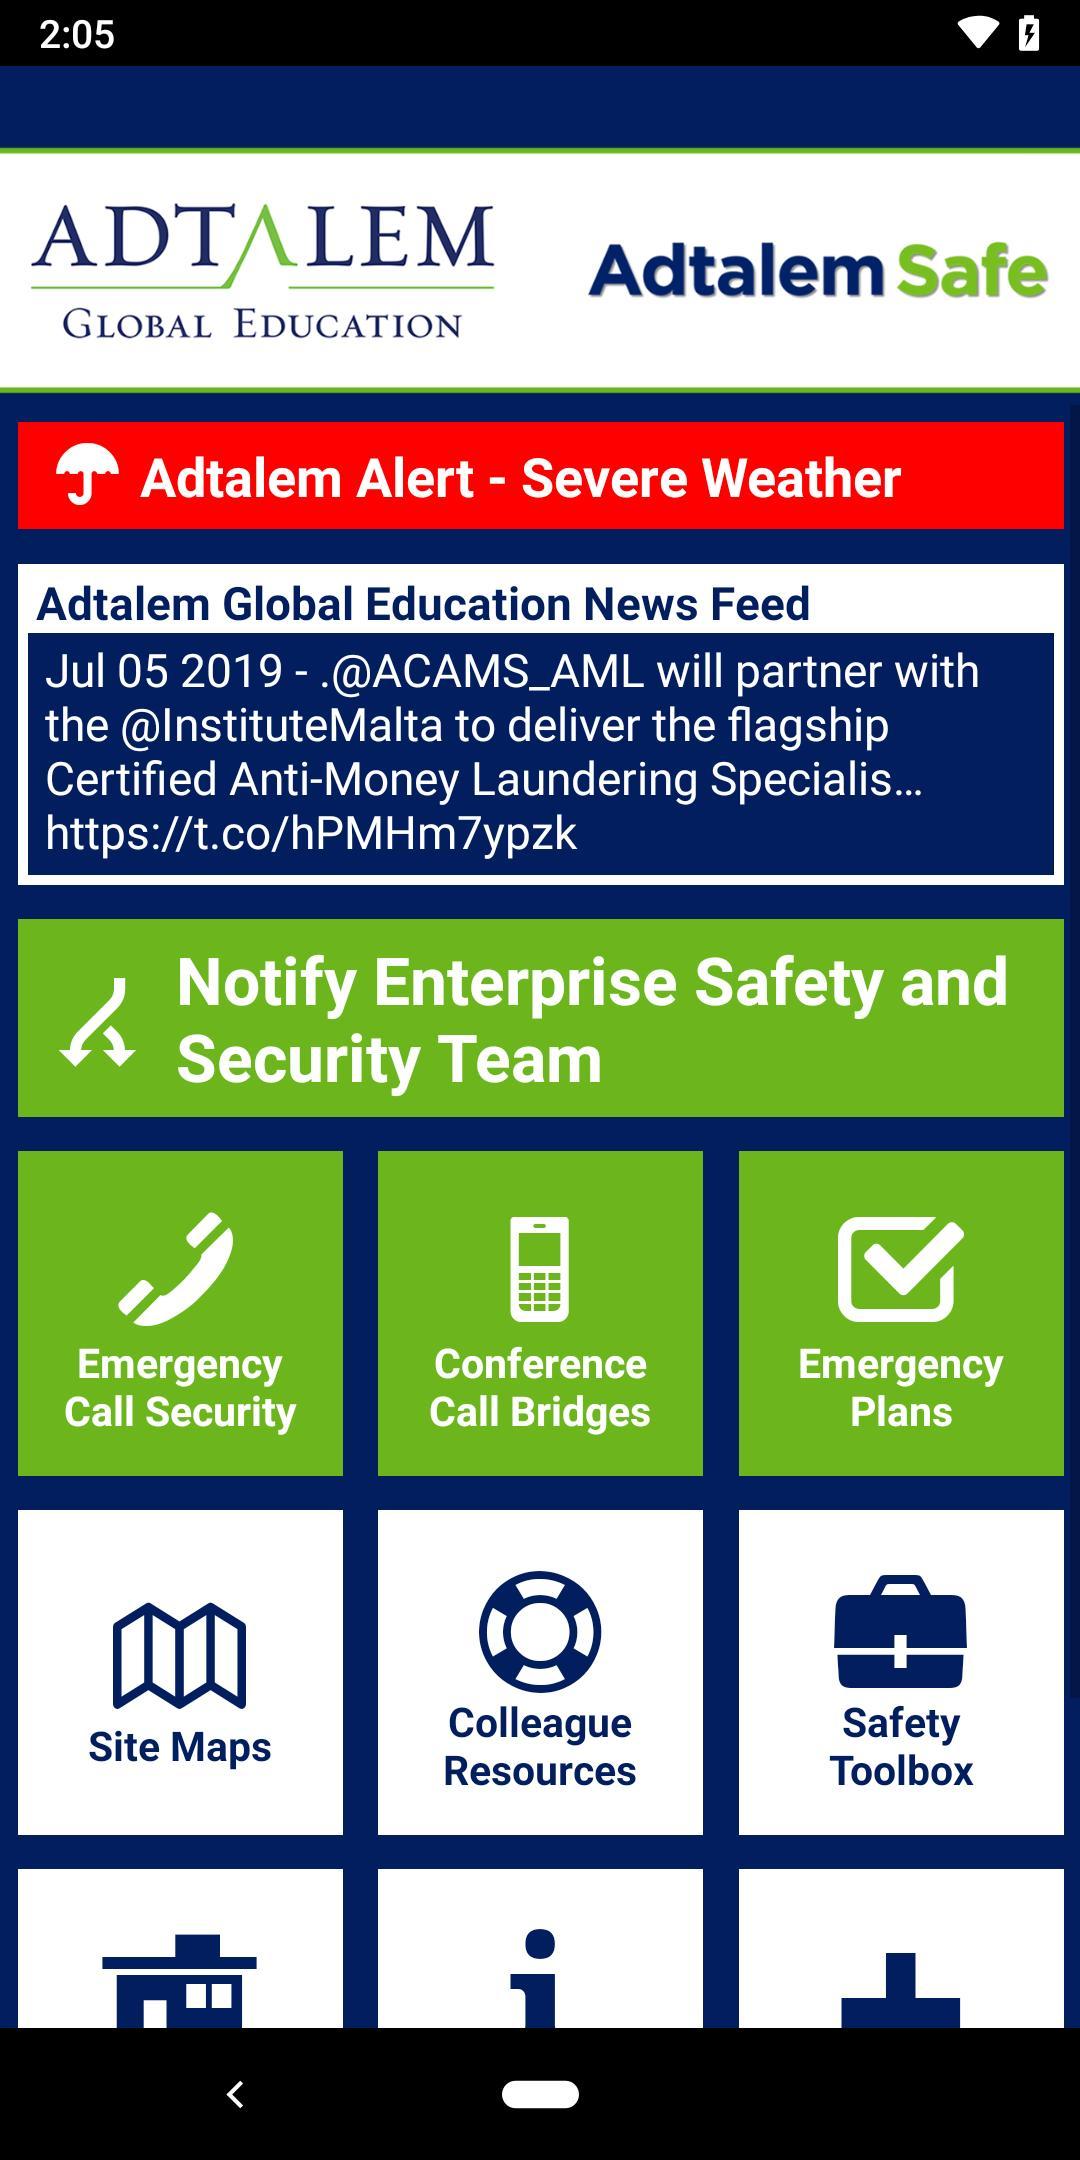 Adtalem Safe for Android - APK Download